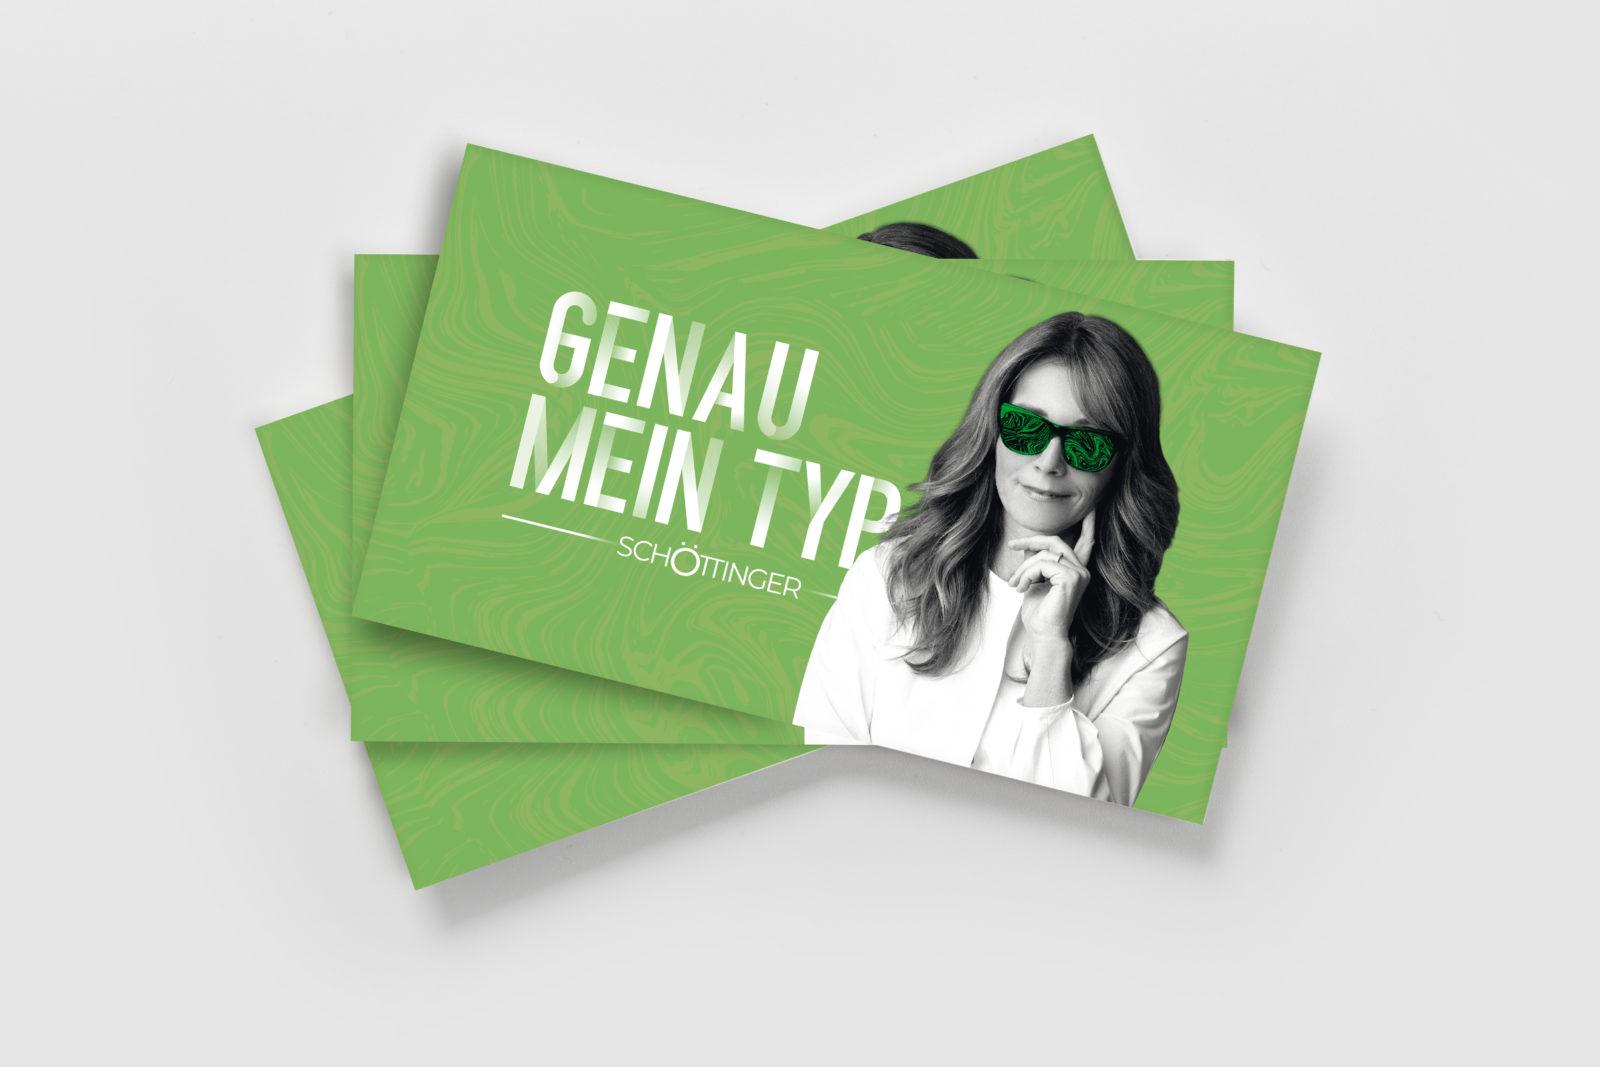 Sabath Media Werbeagentur - Wir sind die Brille Schöttinger GmbH - Referenzbild 5